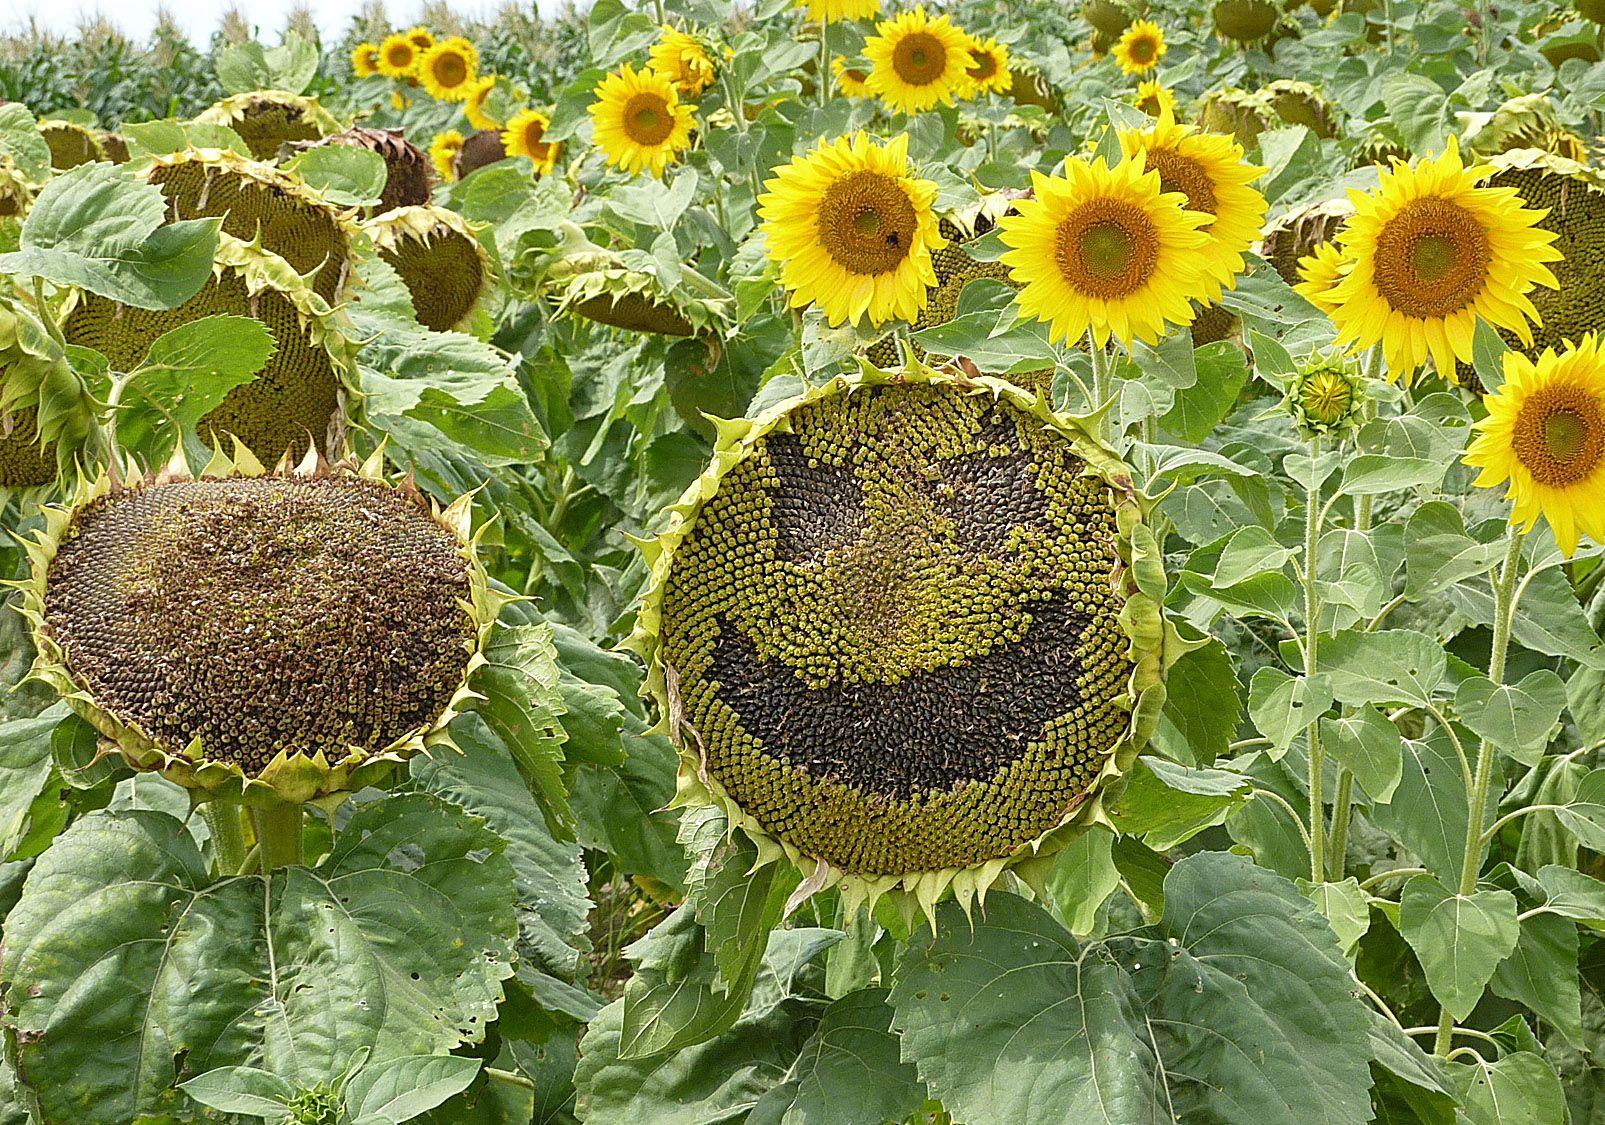 Сонячна квітка з пшеницею місце на токах не поділять